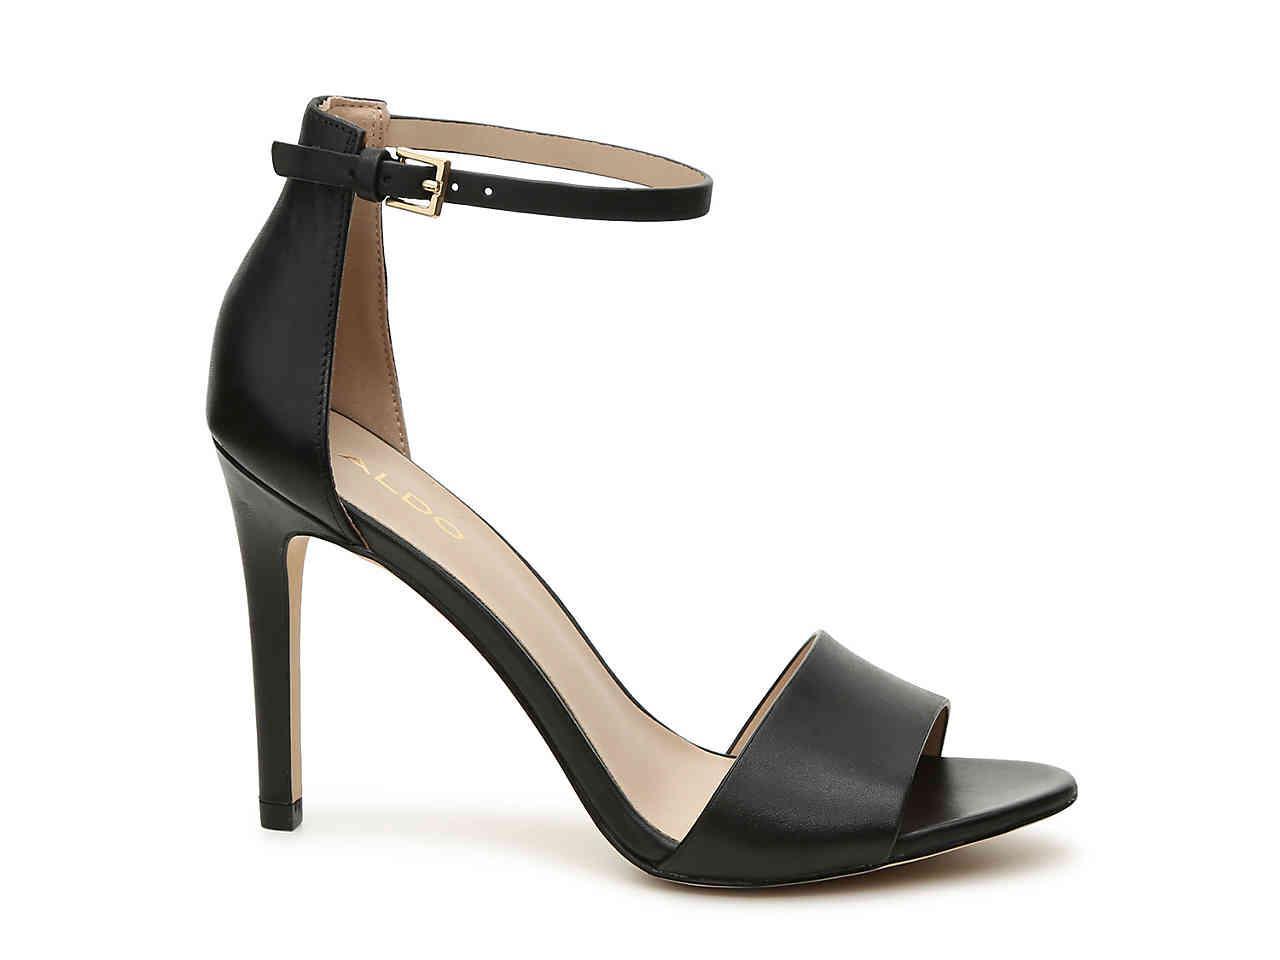 ALDO Melawet Sandal in Black Leather